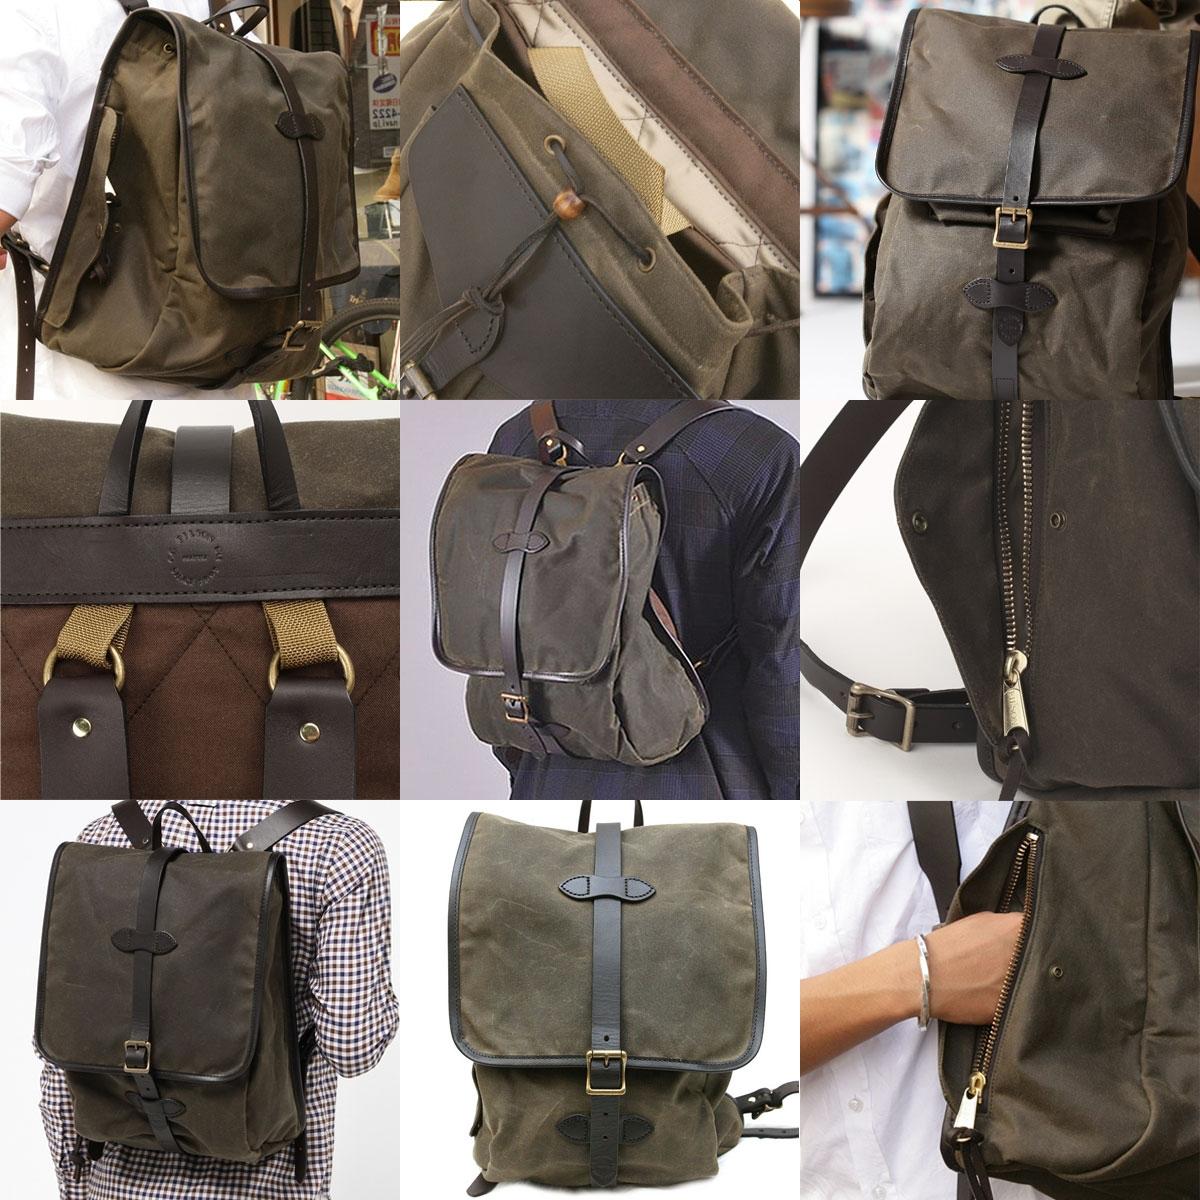 Filson Tin Cloth Backpack Otter Green, stijlvolle rugzak voor iedere trip die jij gaat maken